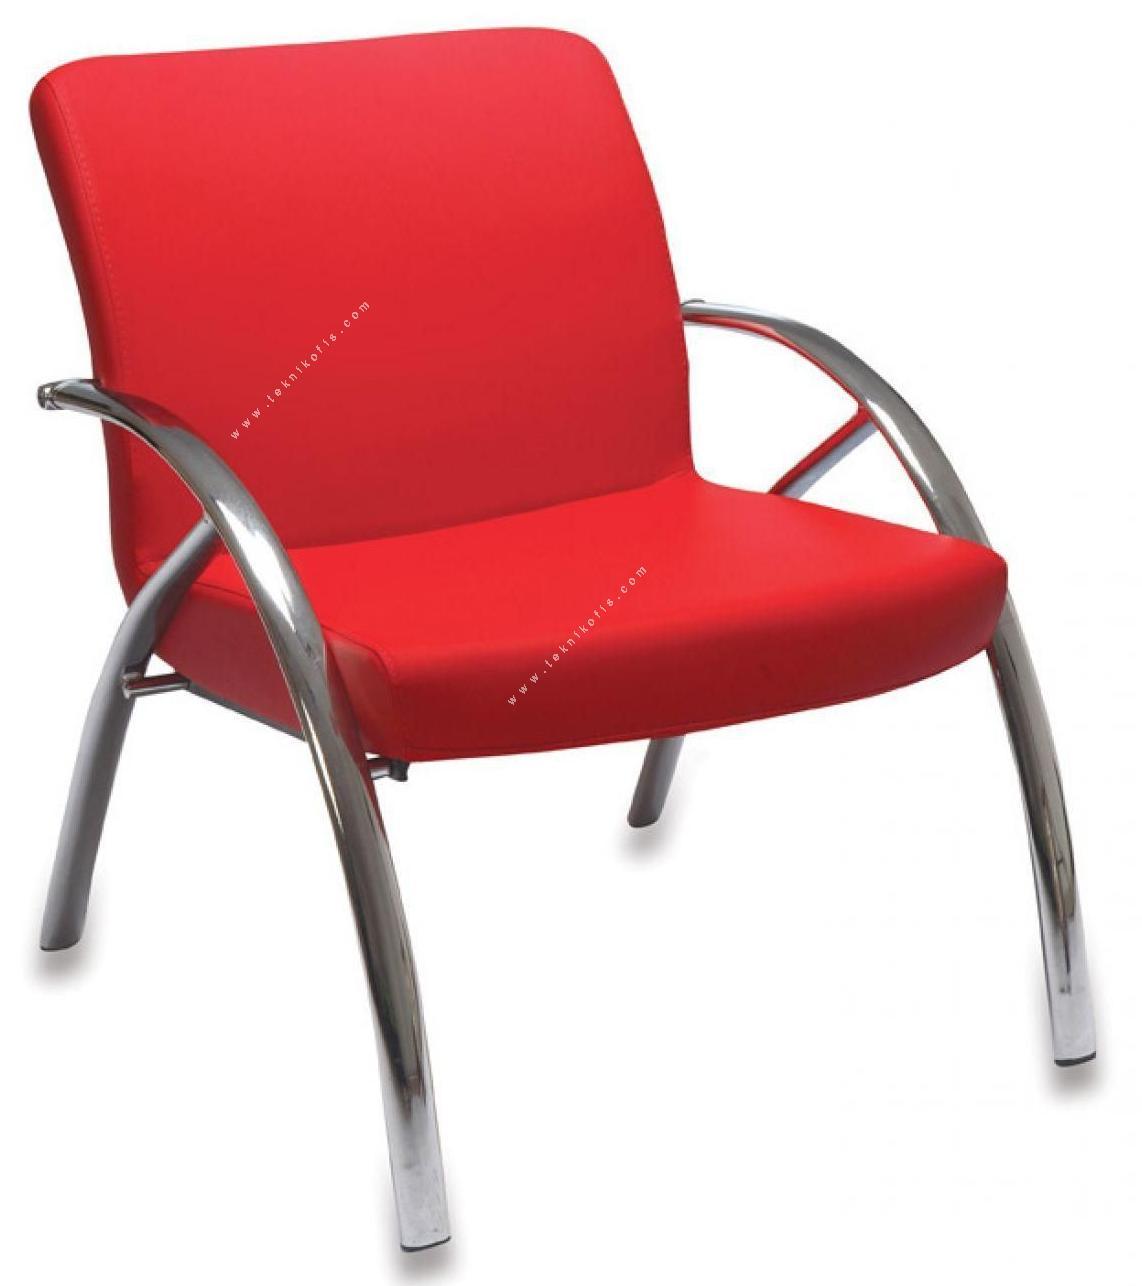 beni bekleme koltugu 2854